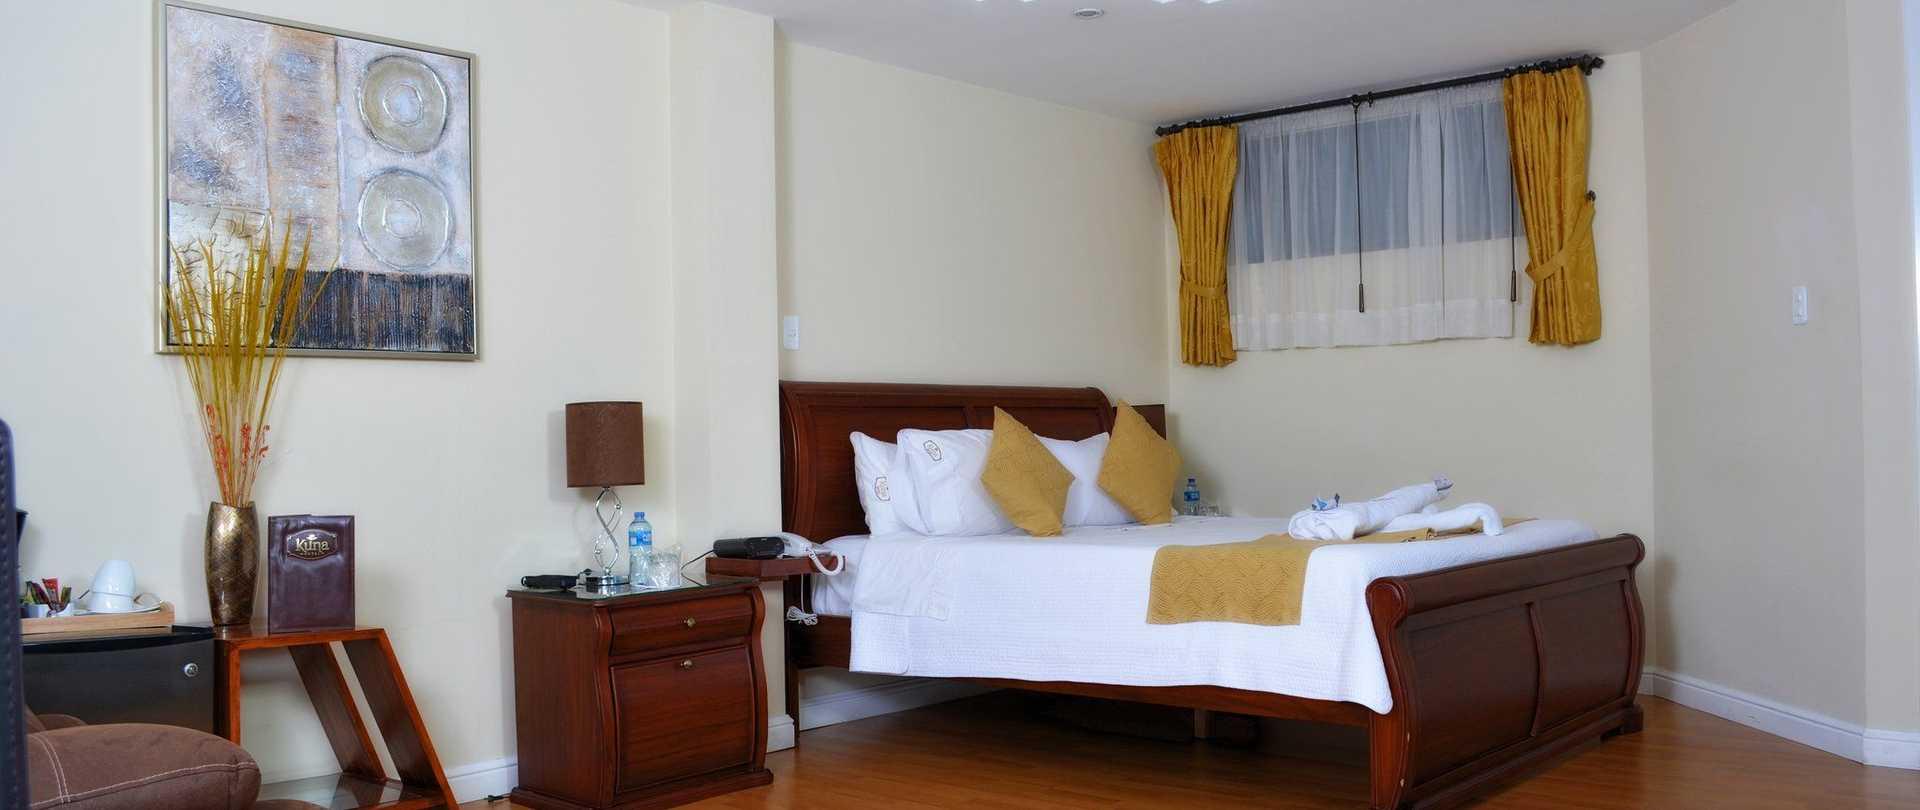 habitacioneshotel